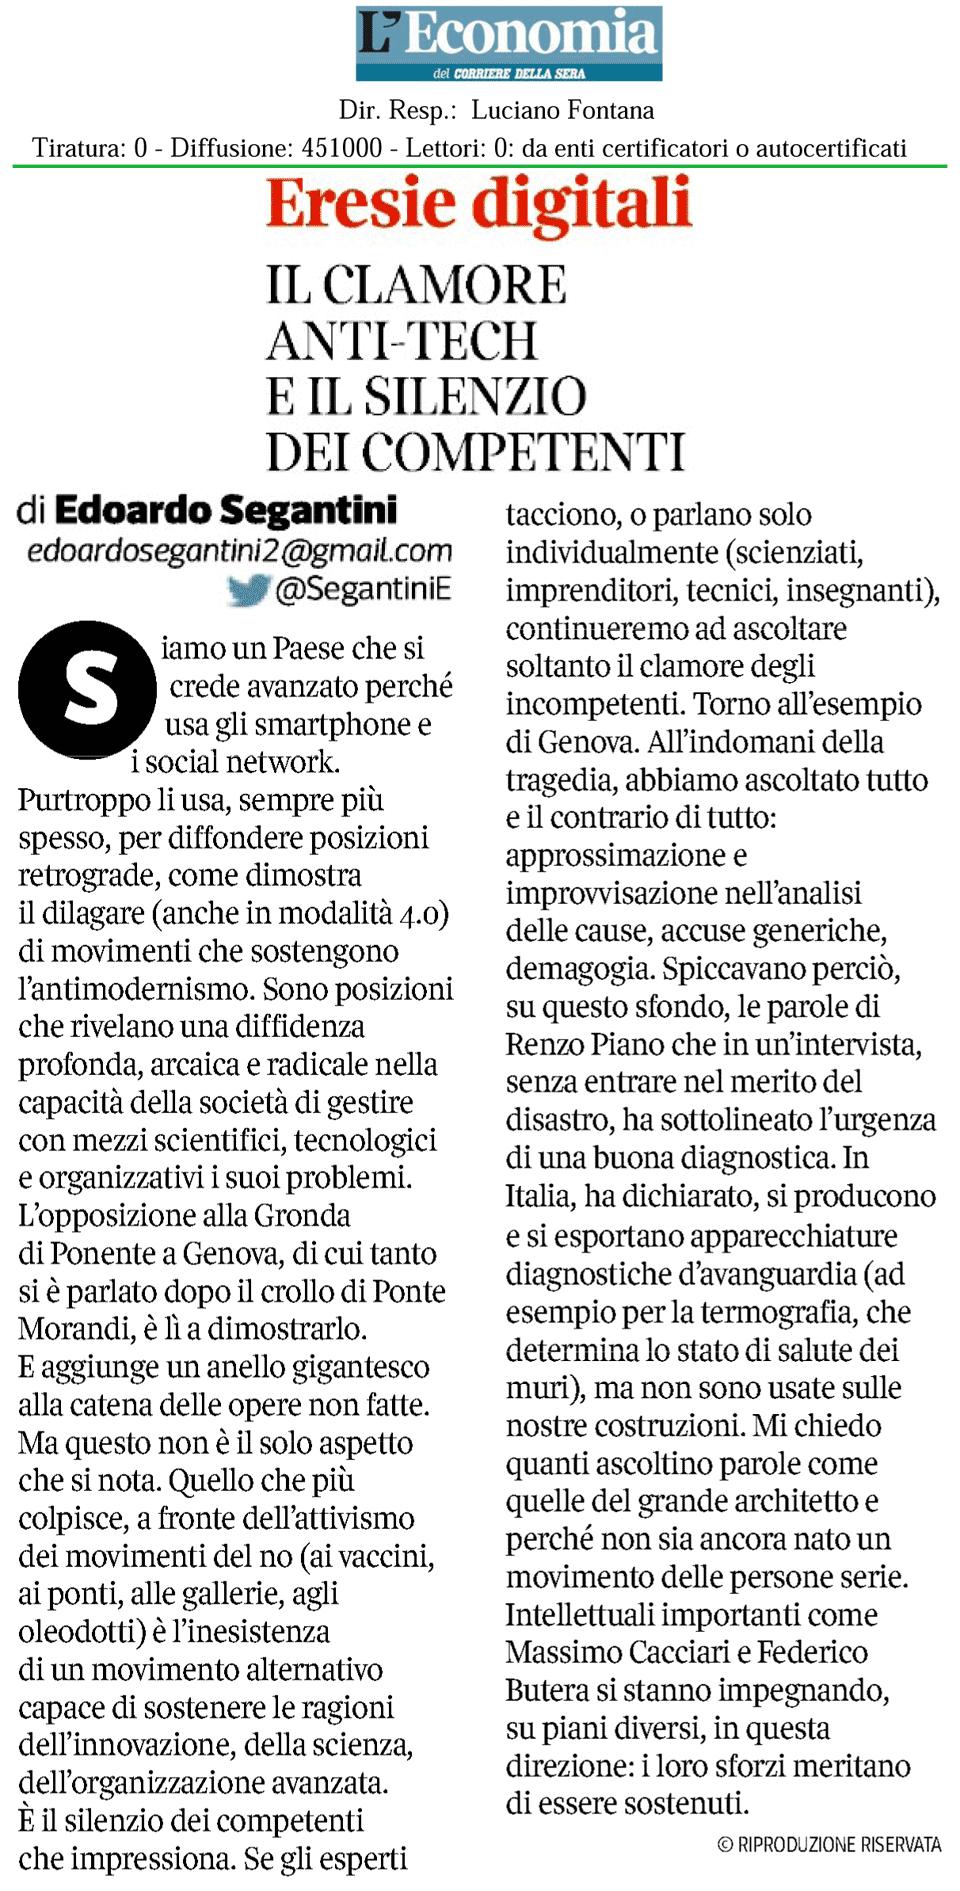 Eresie digitali, di Edoardo Segantini